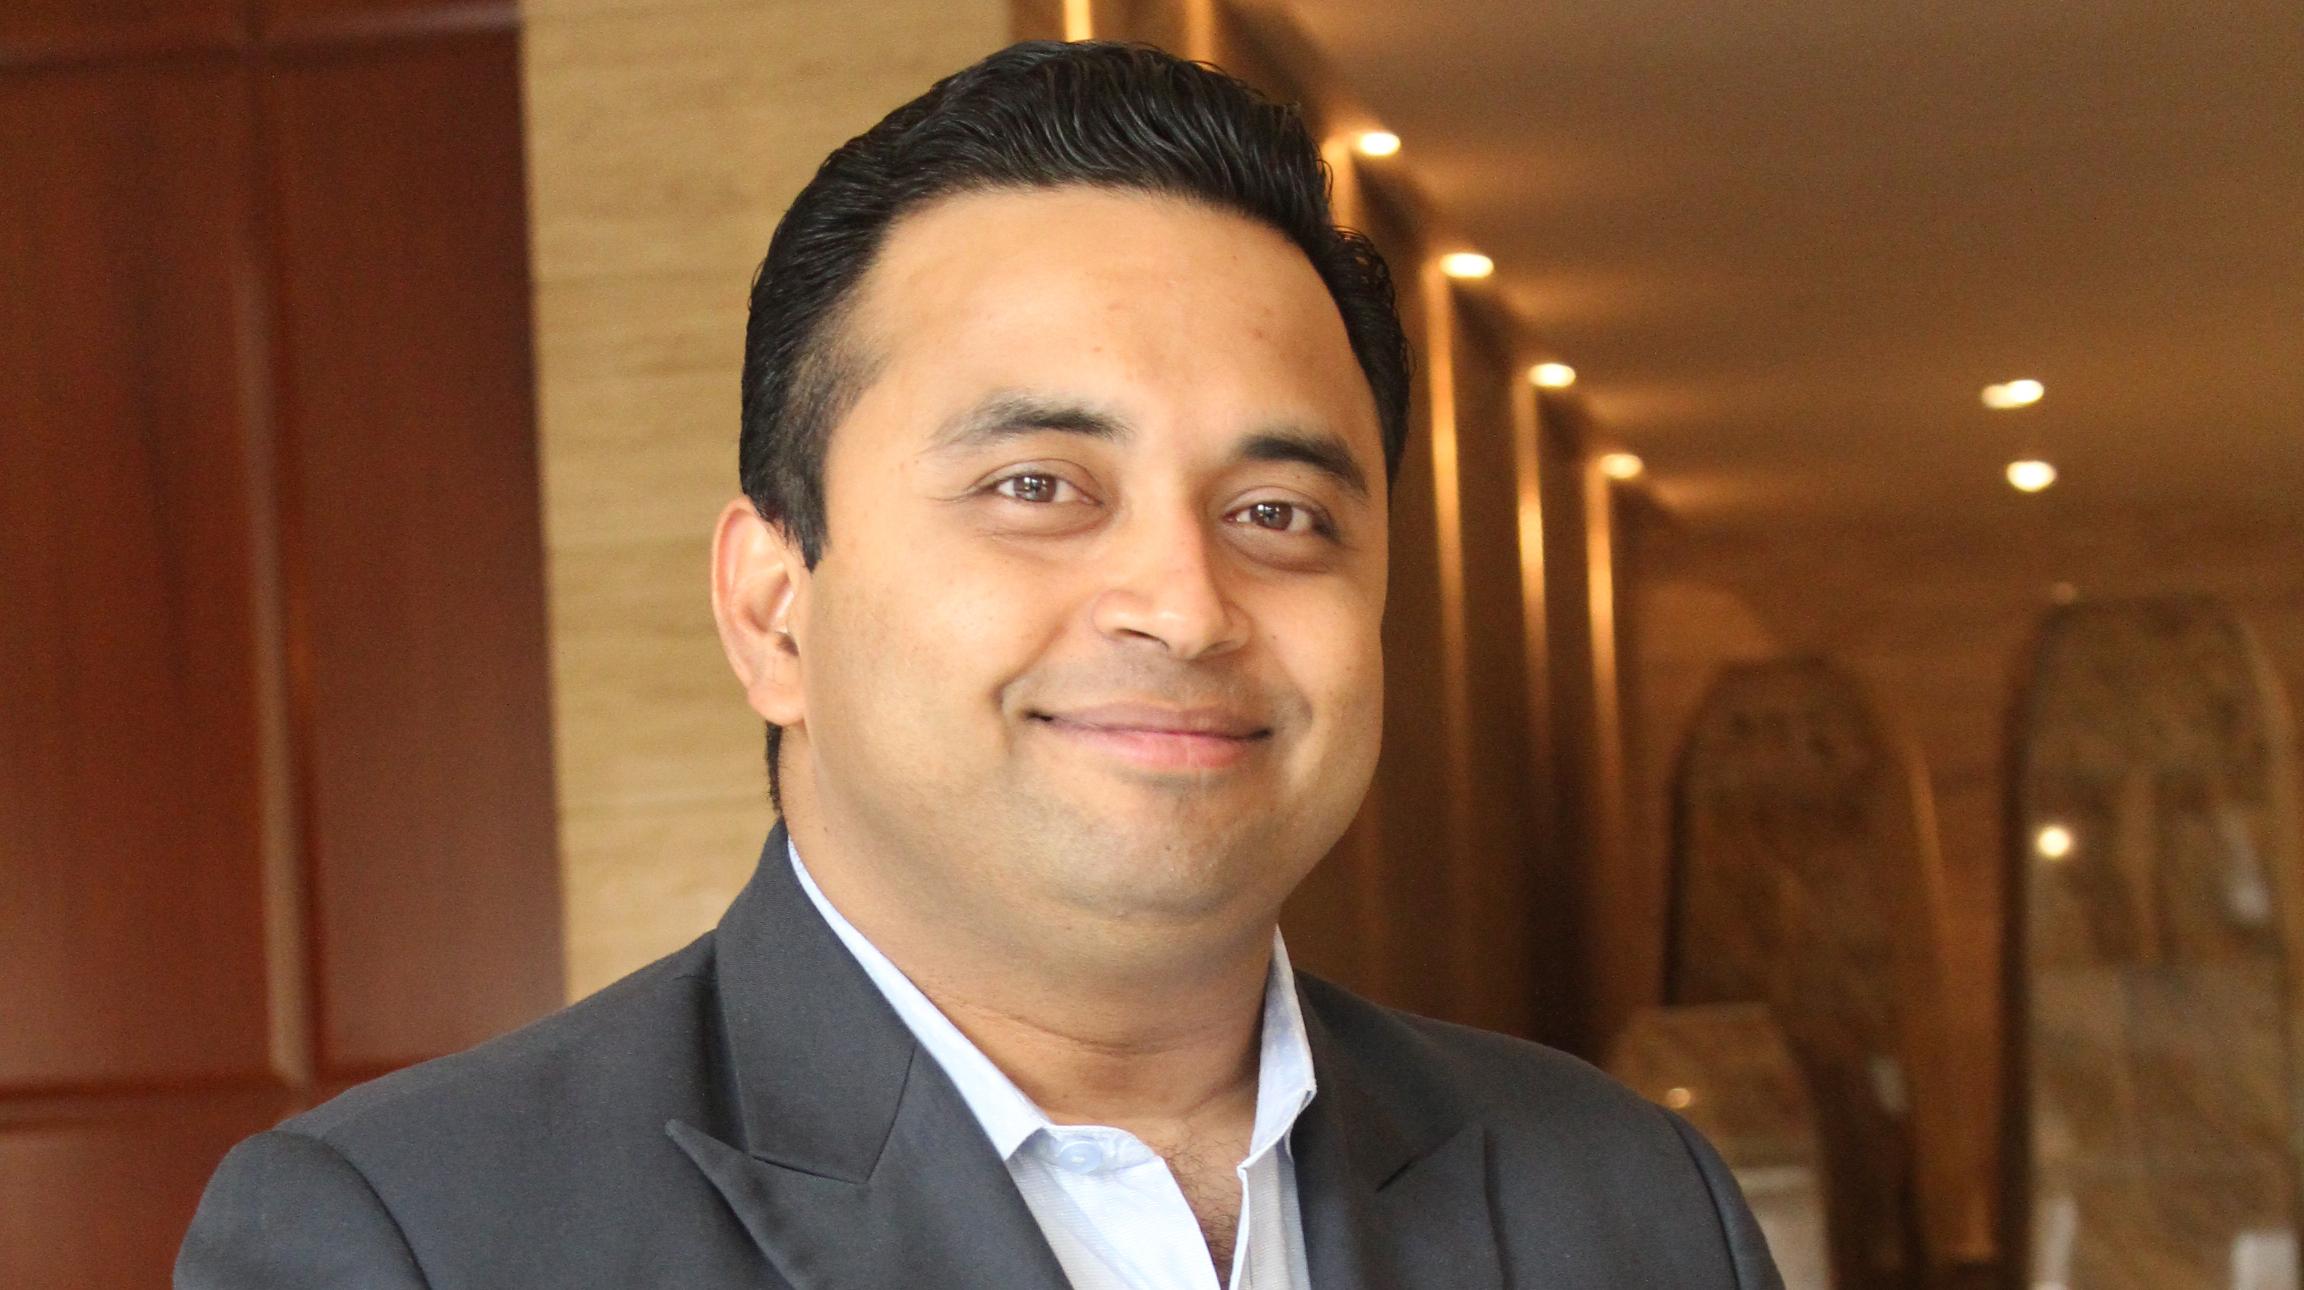 Hyatt Regency Delhi appoints Rohit Srivastava as Director of Food & Beverage